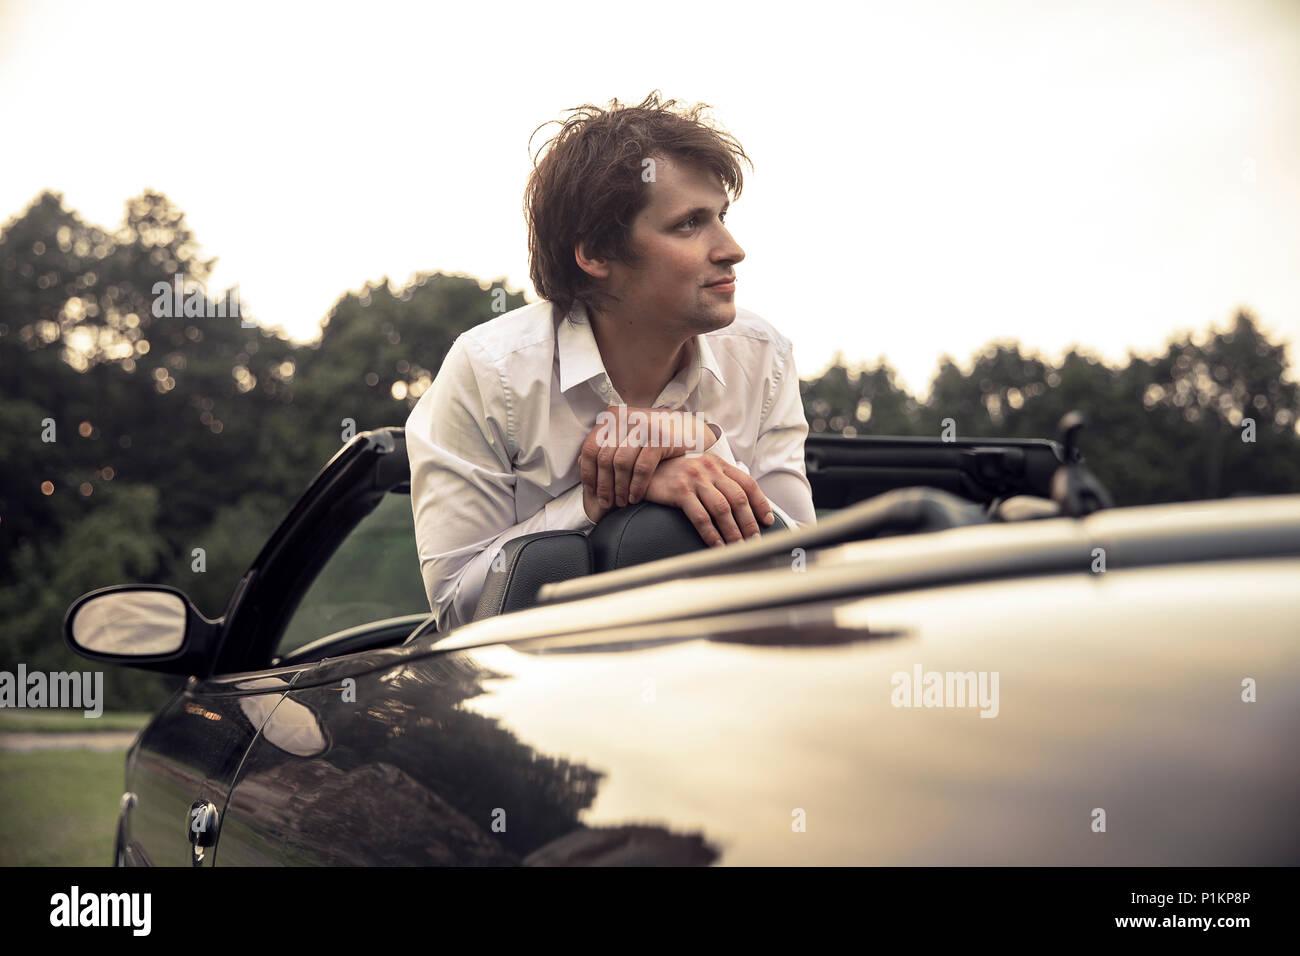 Beau jeune homme assis dans une voiture. Voyages et aventures concept. Tonique photo Banque D'Images